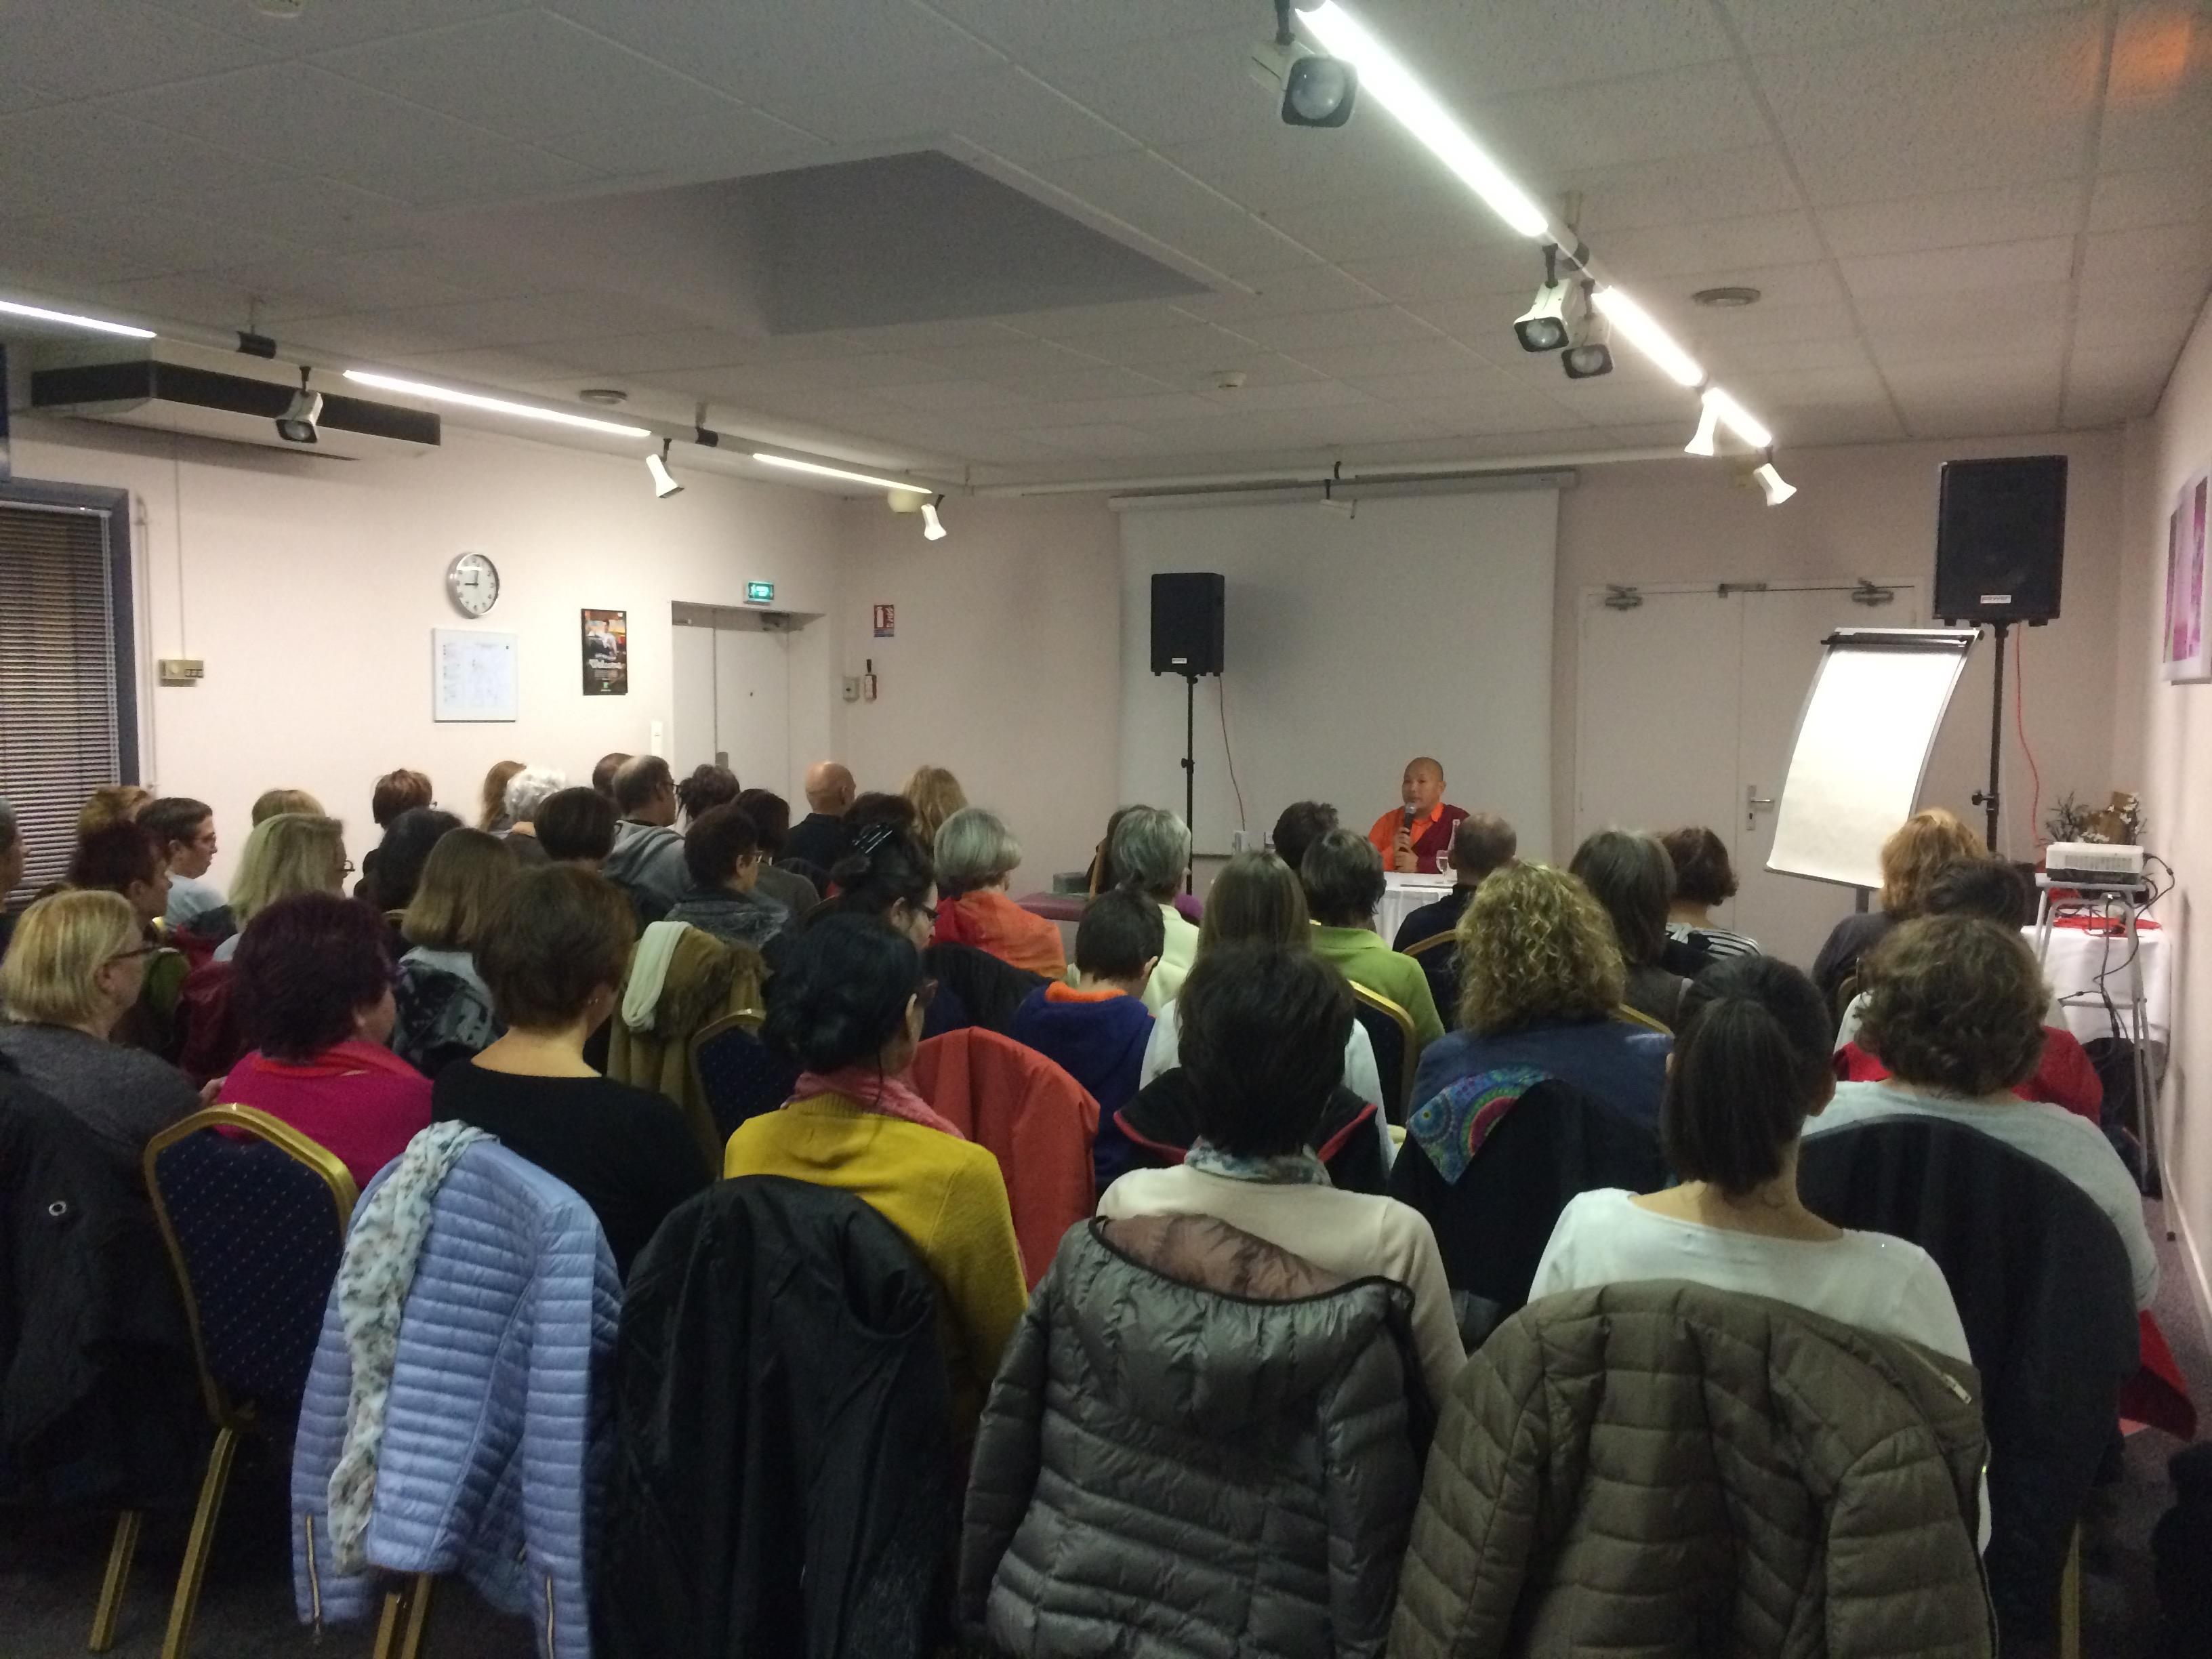 Blois 5 Nov 2016